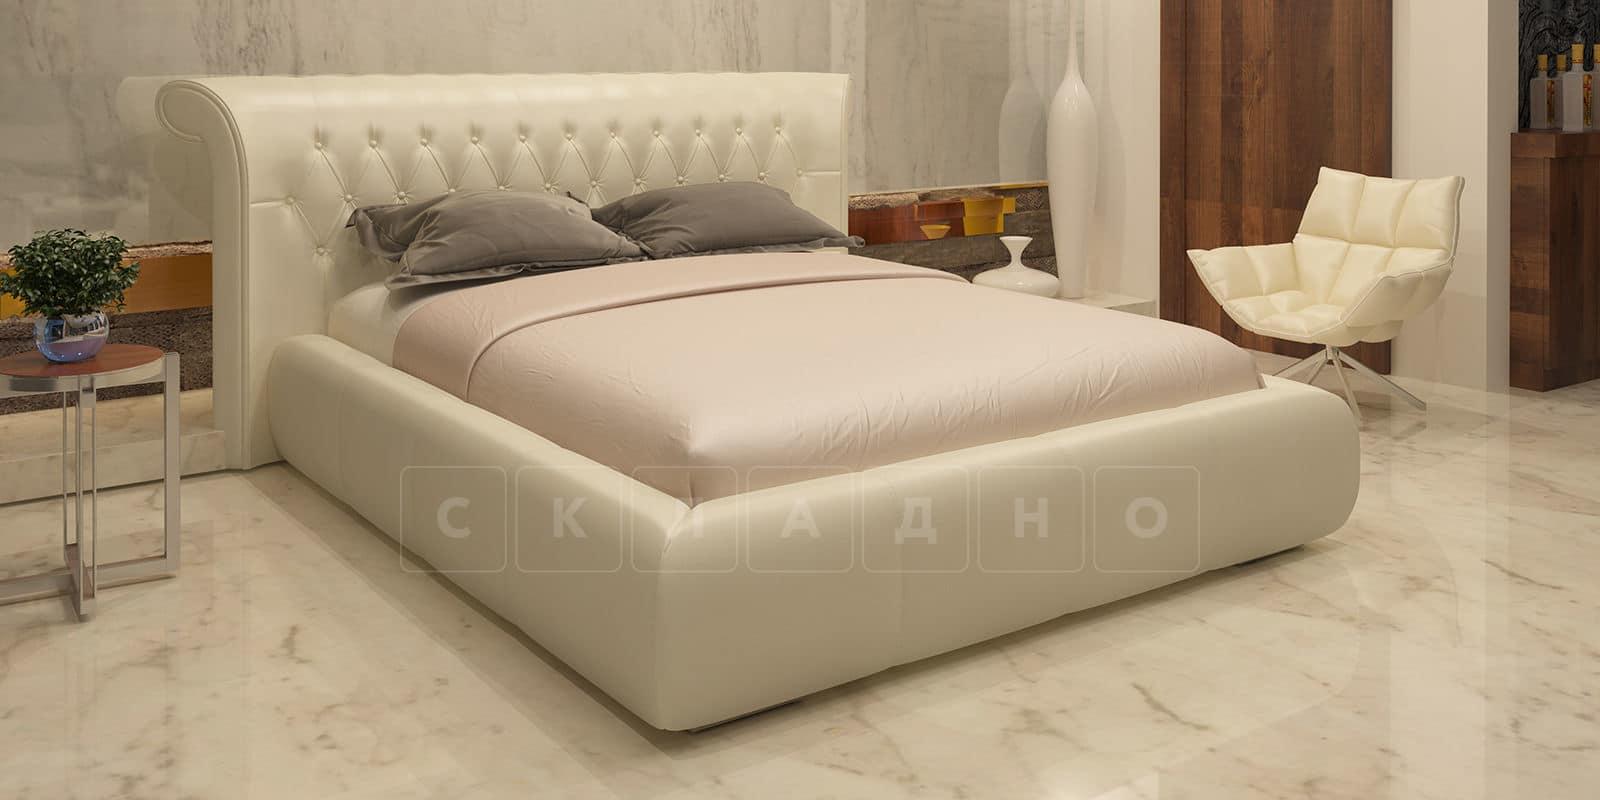 Мягкая кровать Вирджиния 160см экокожа молочного цвета фото 1 | интернет-магазин Складно